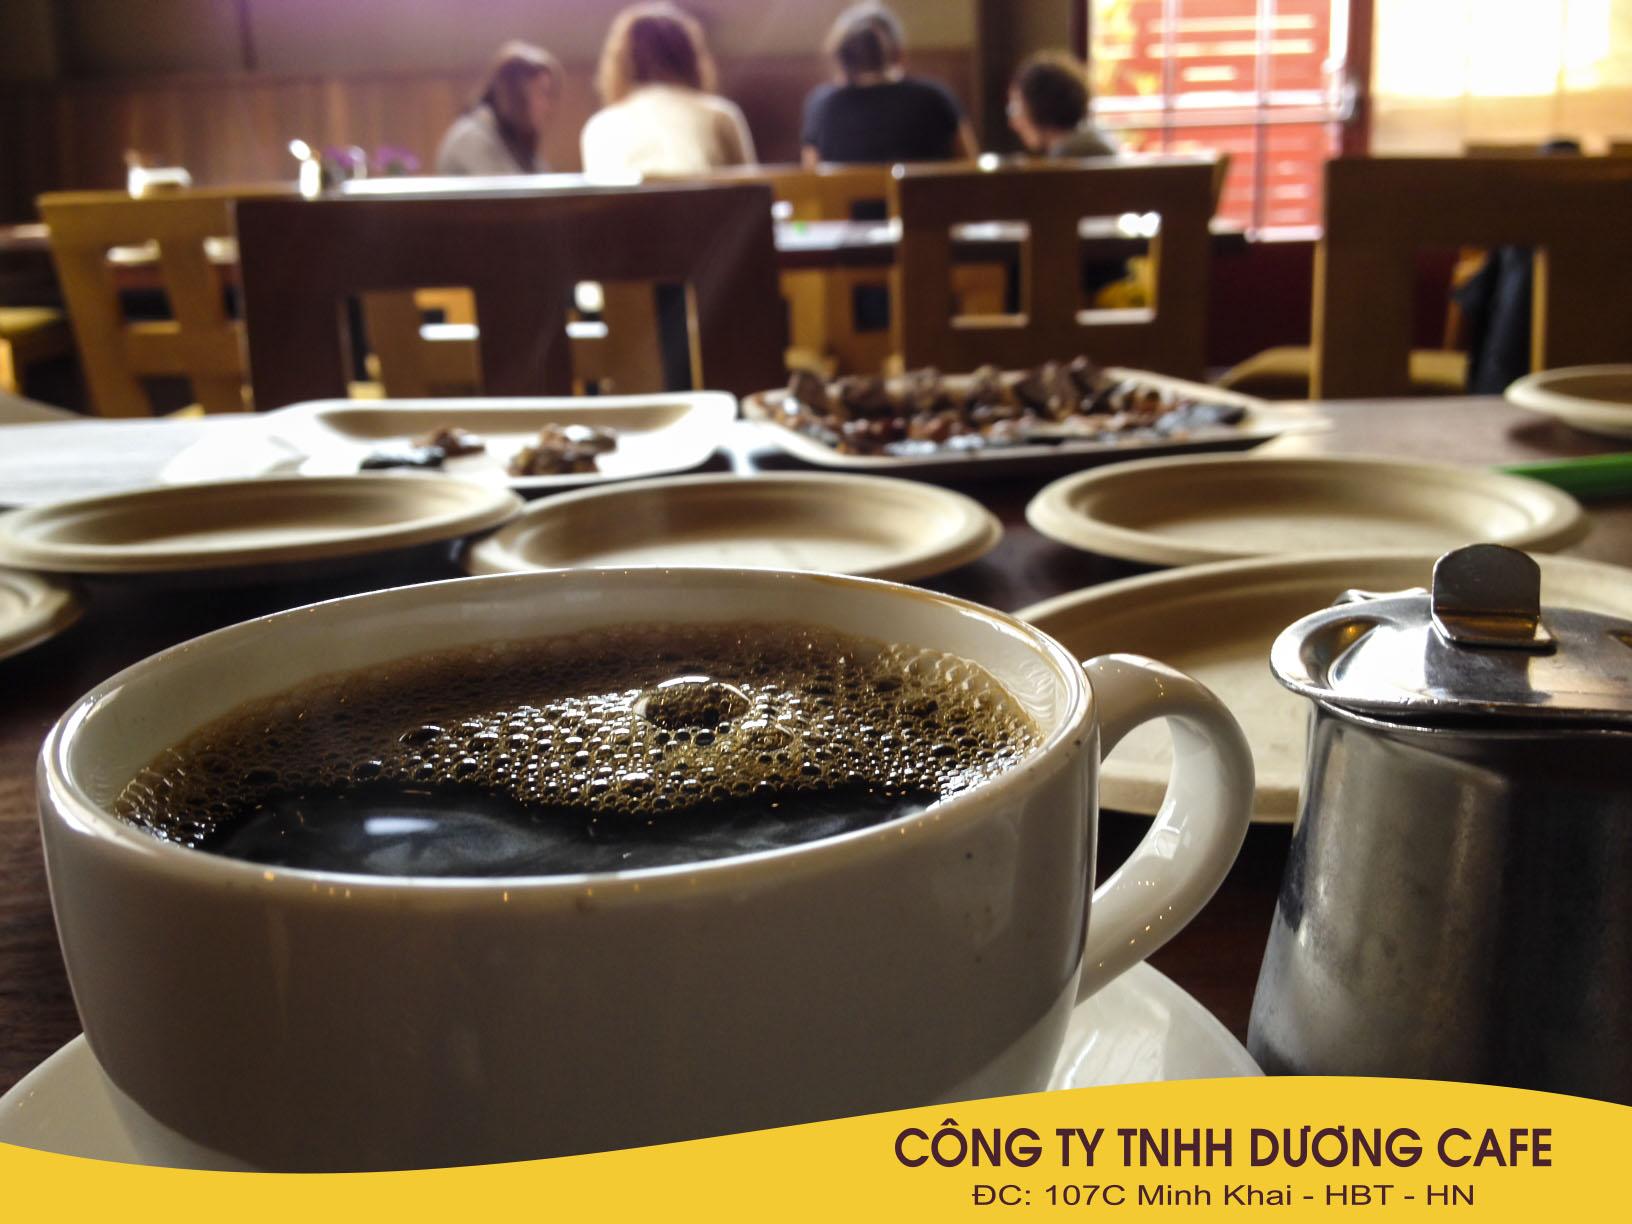 Quán cà phê nơi góc phố cổ kính